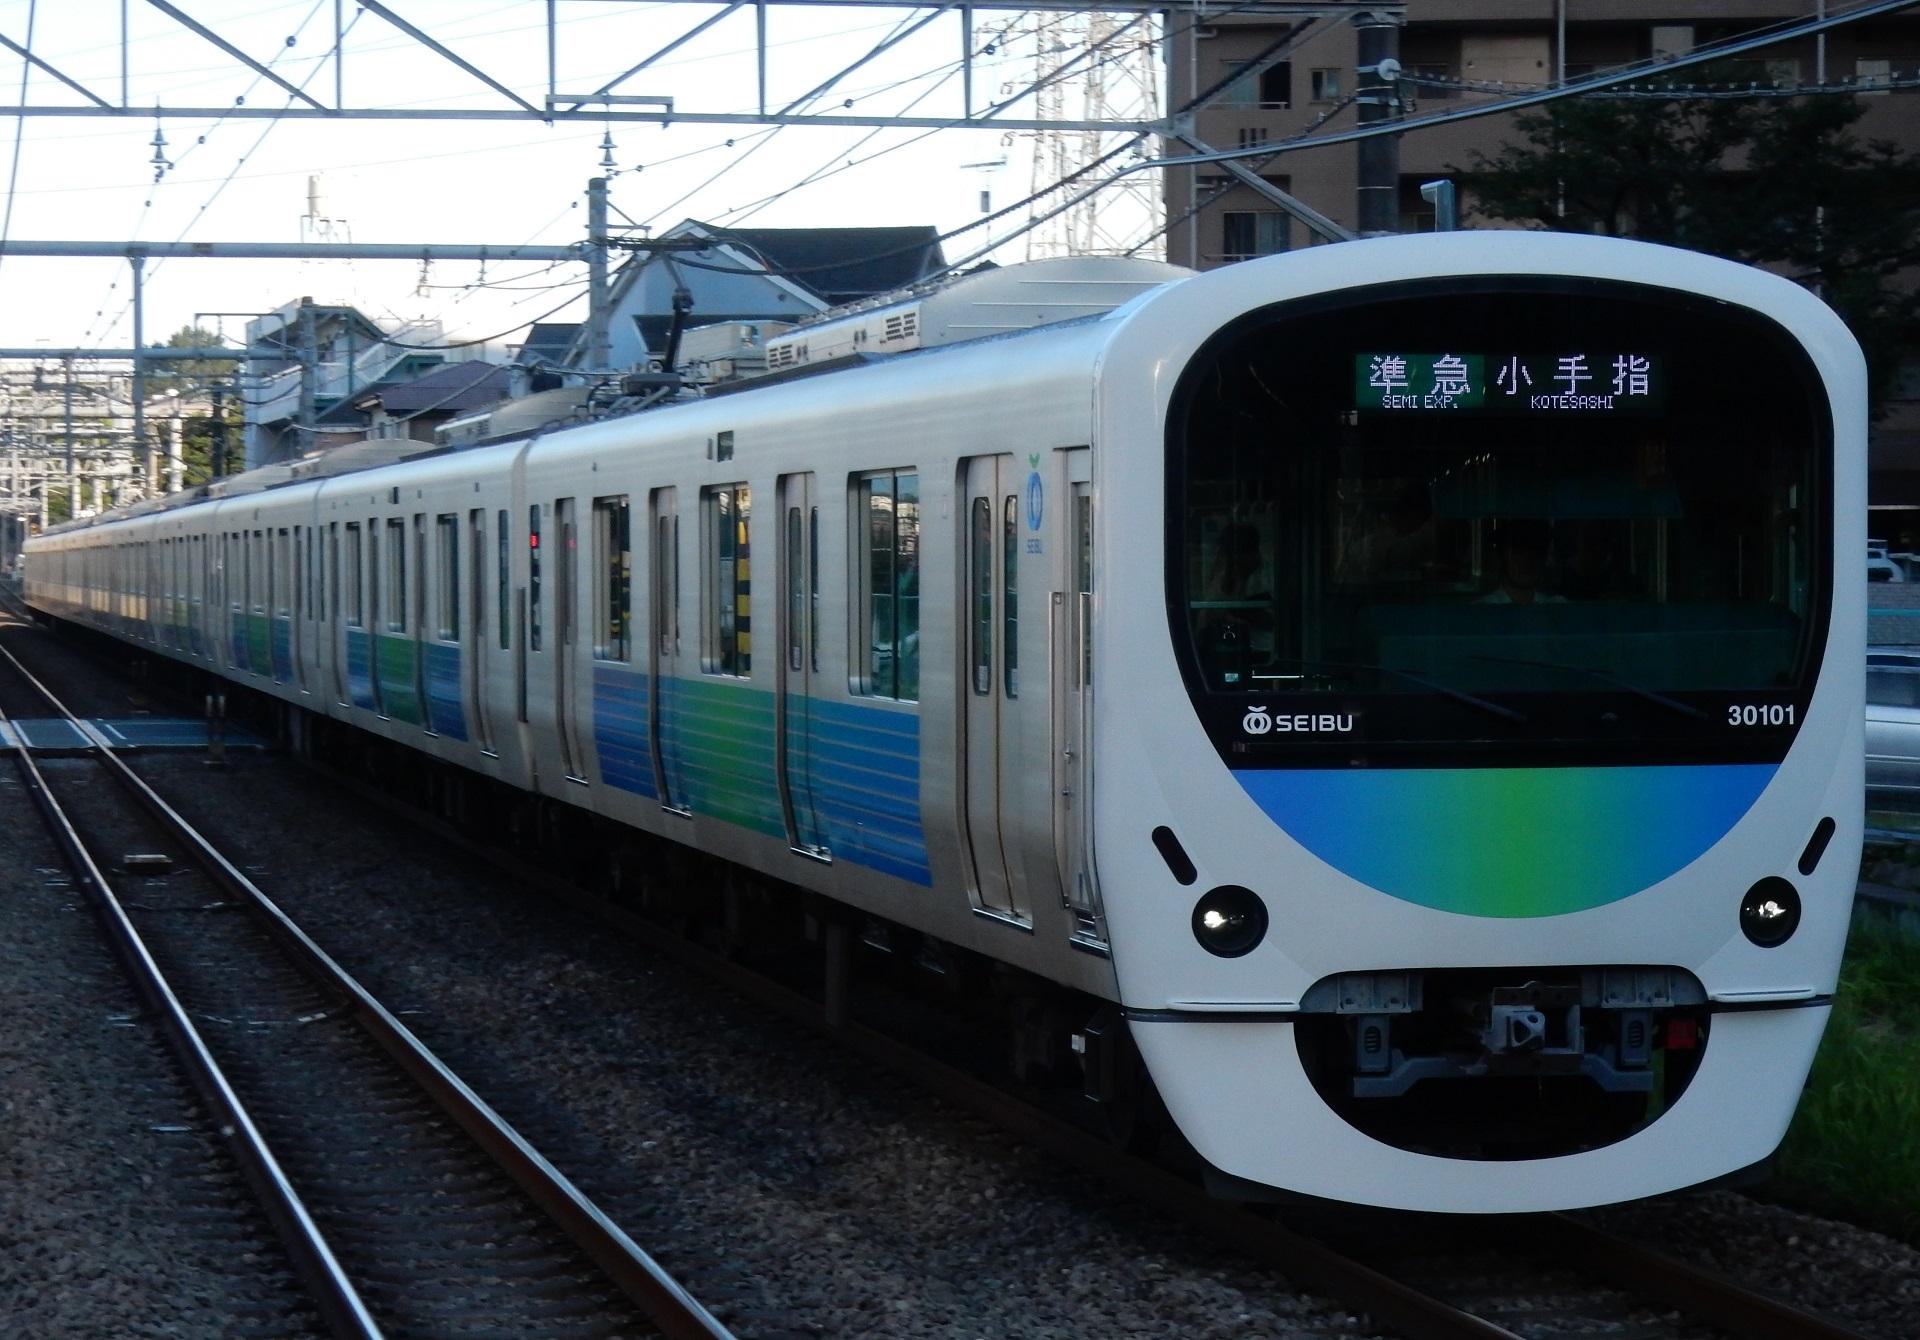 DSCN4275 - コピー